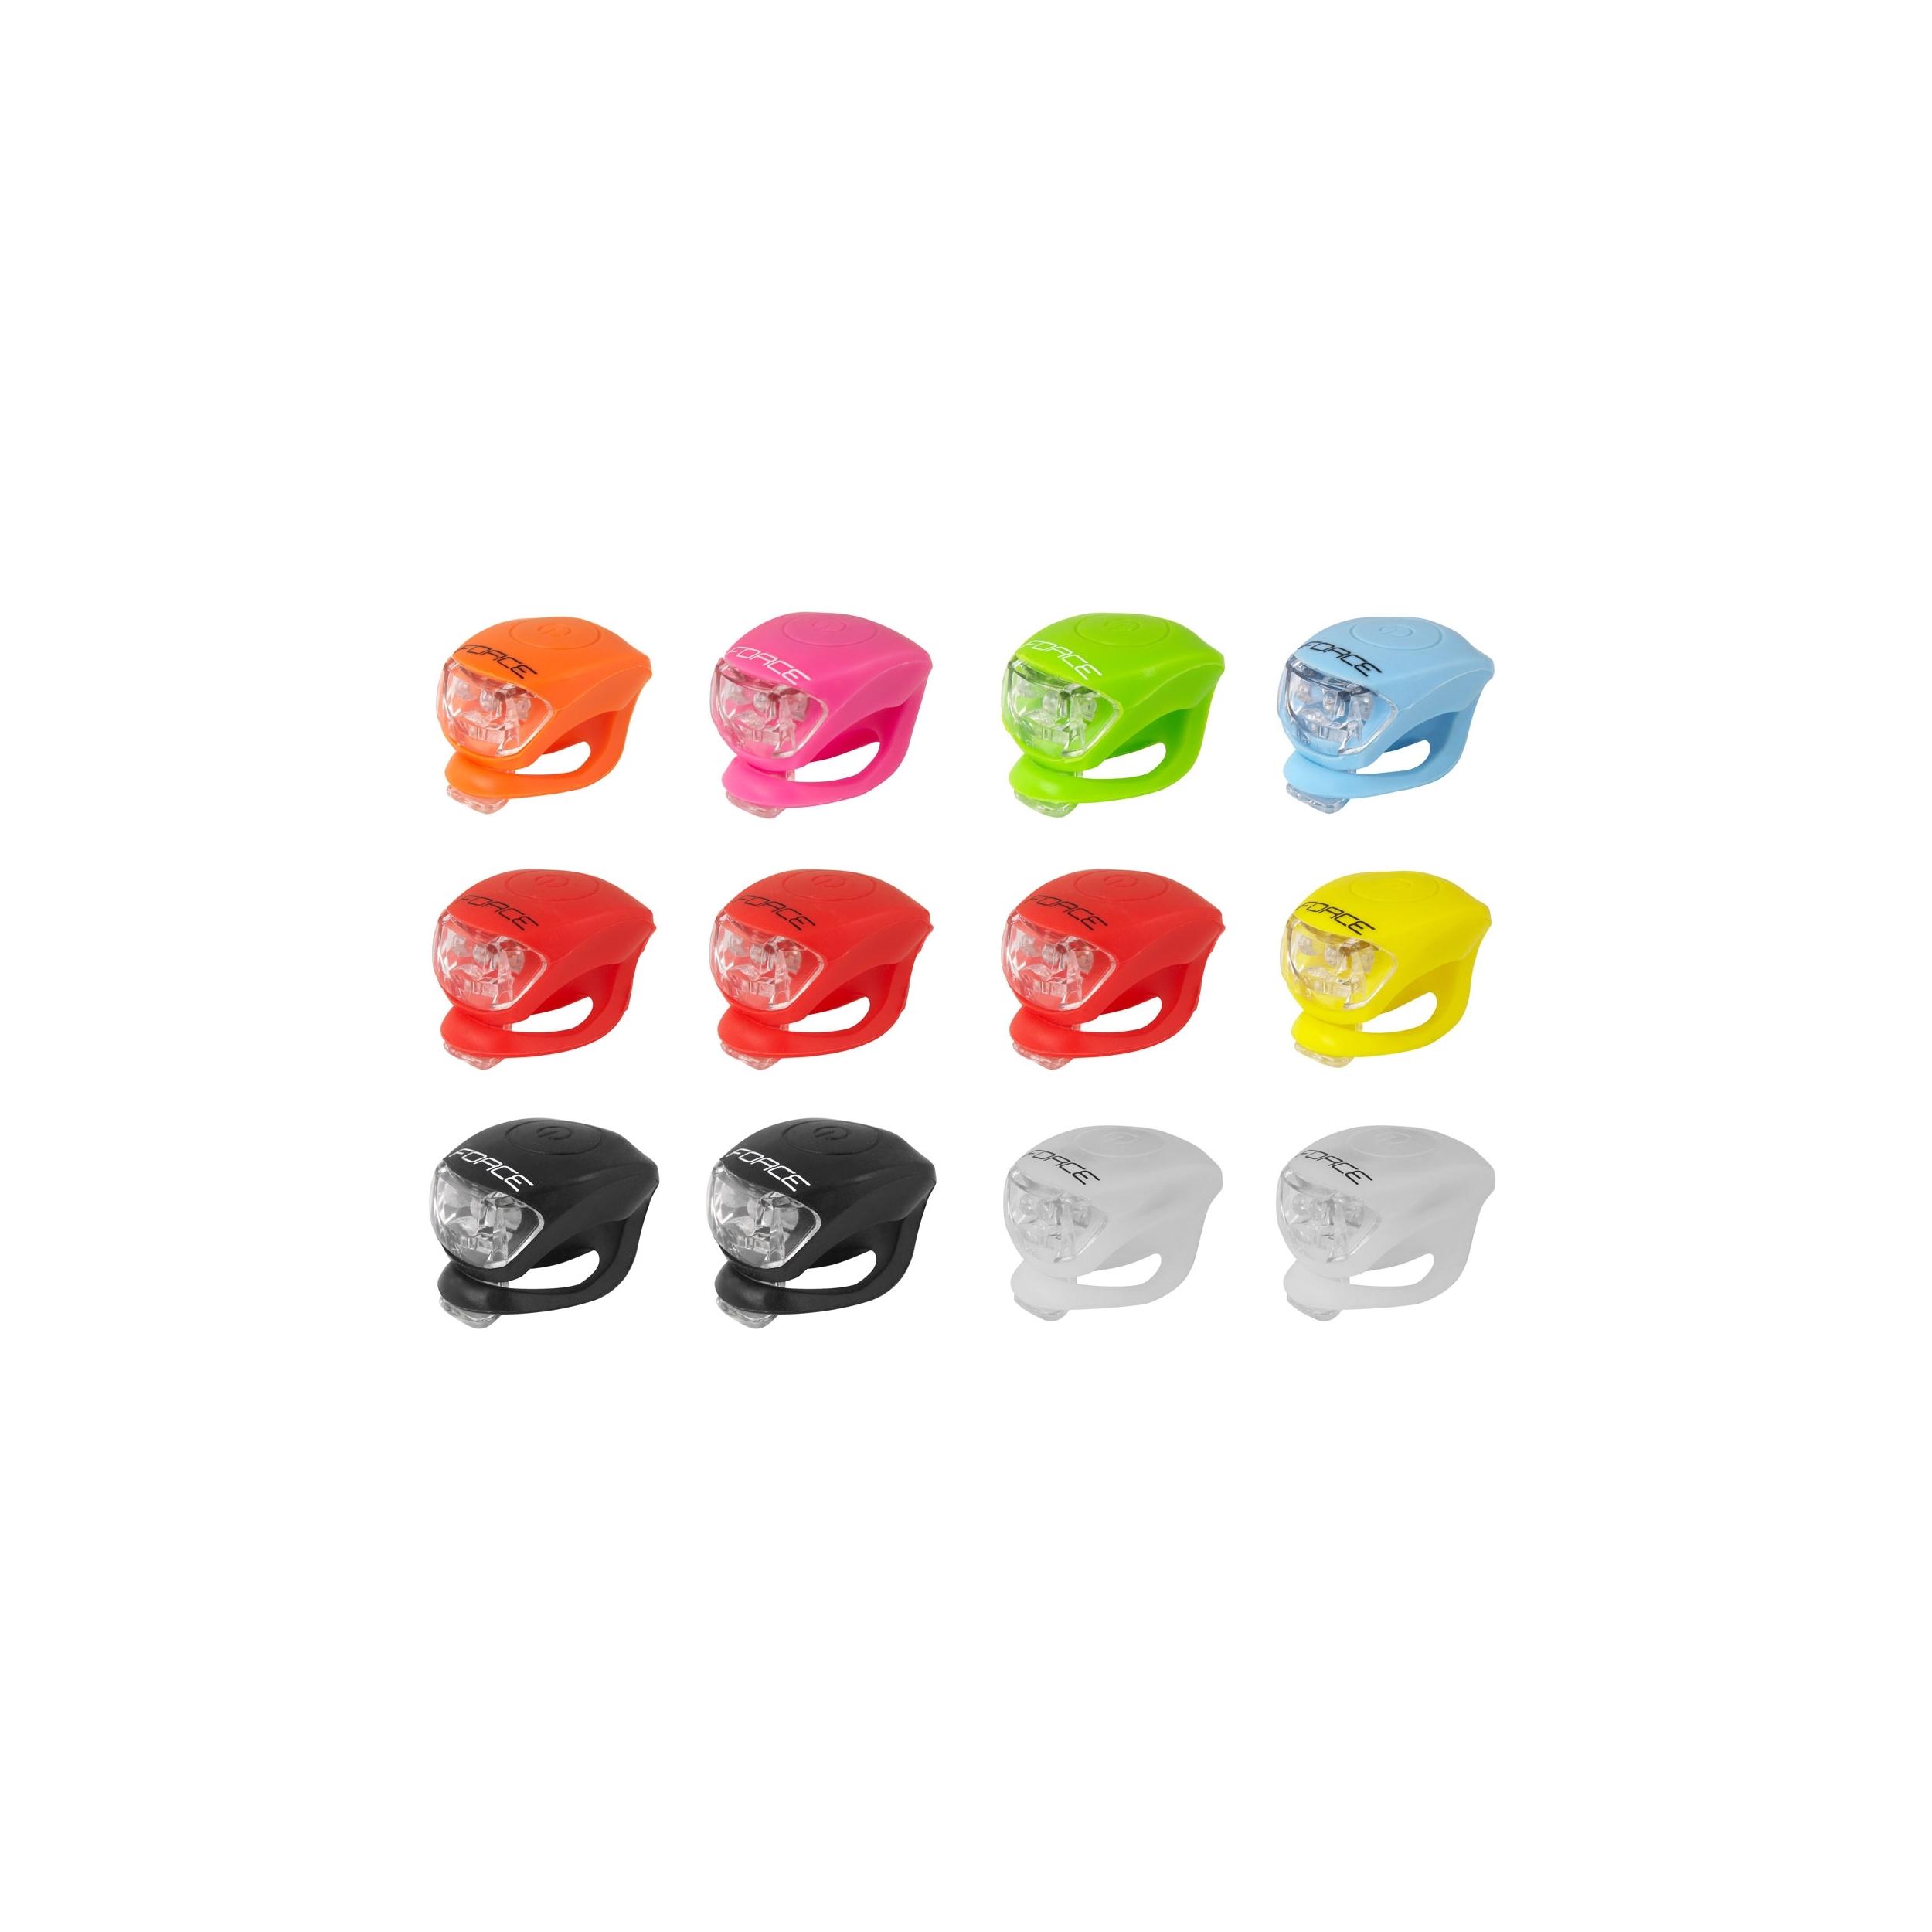 Blikačky FORCE DOUBLE zadní, mix barev